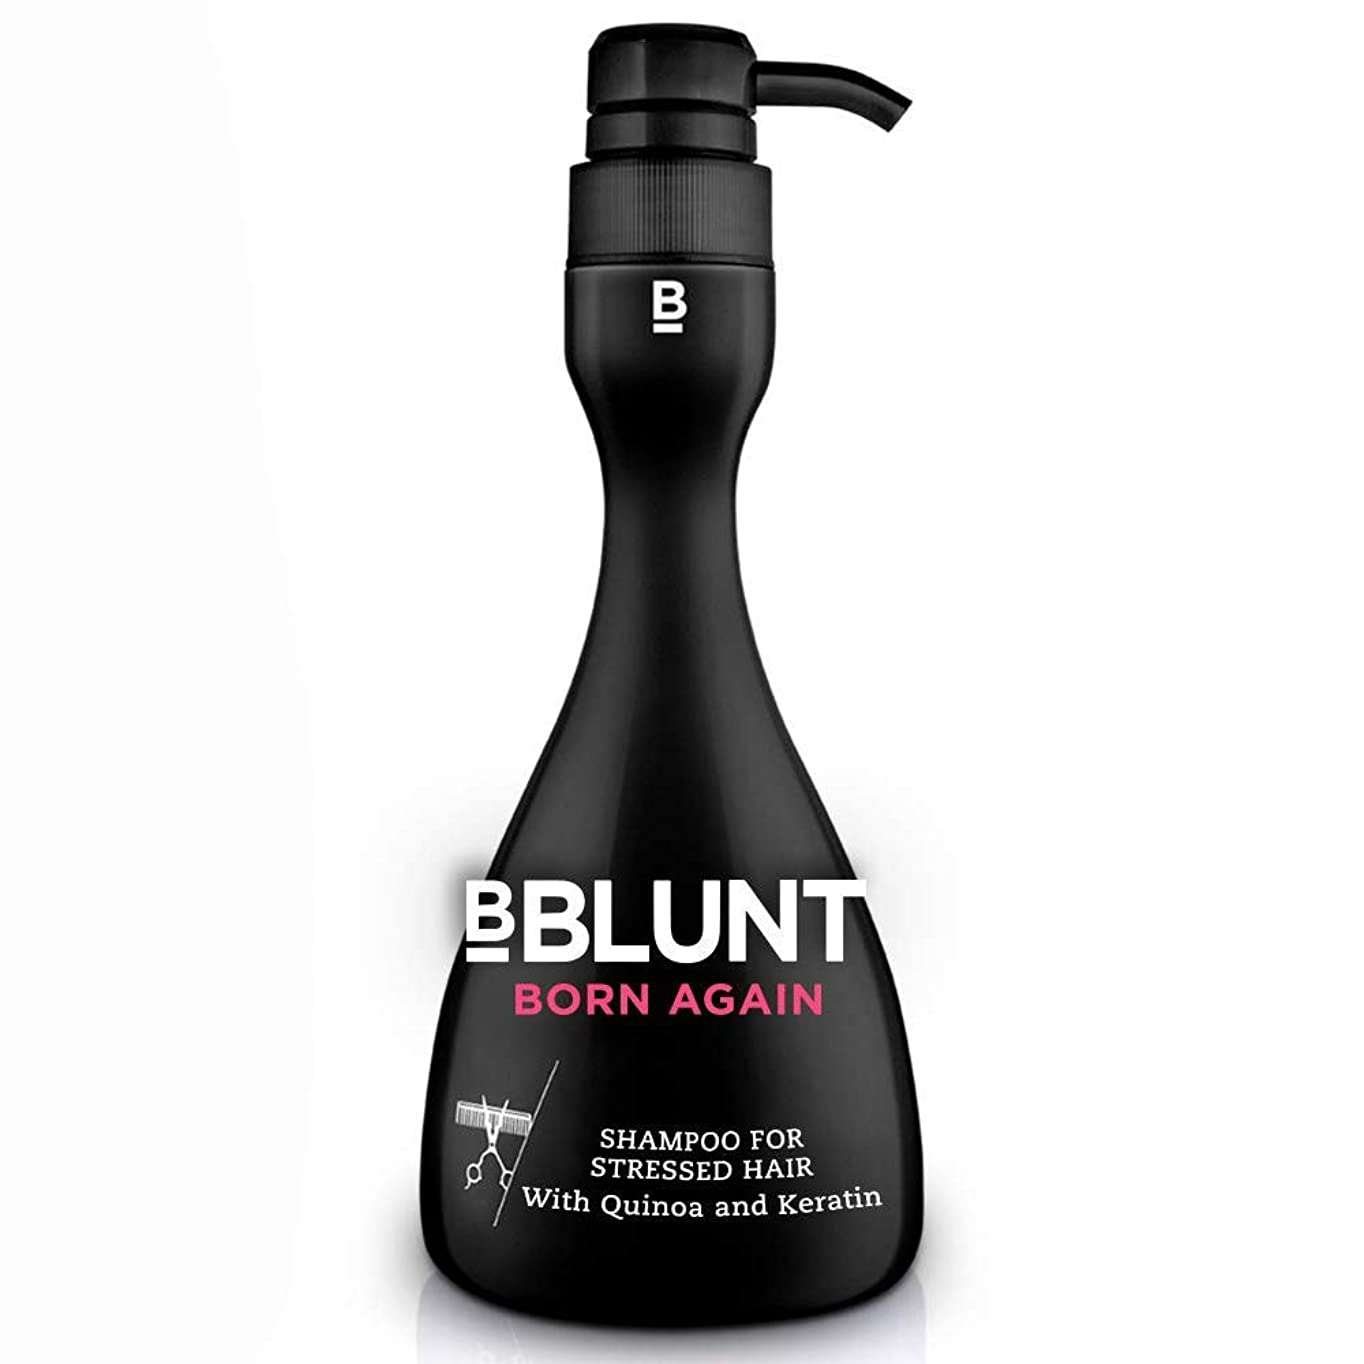 公然と注釈を付けるバイナリBBLUNT Born Again Shampoo for Stressed Hair, 400ml (With Quinoa, Hydrolyzed Keratin & Provitamin B5)